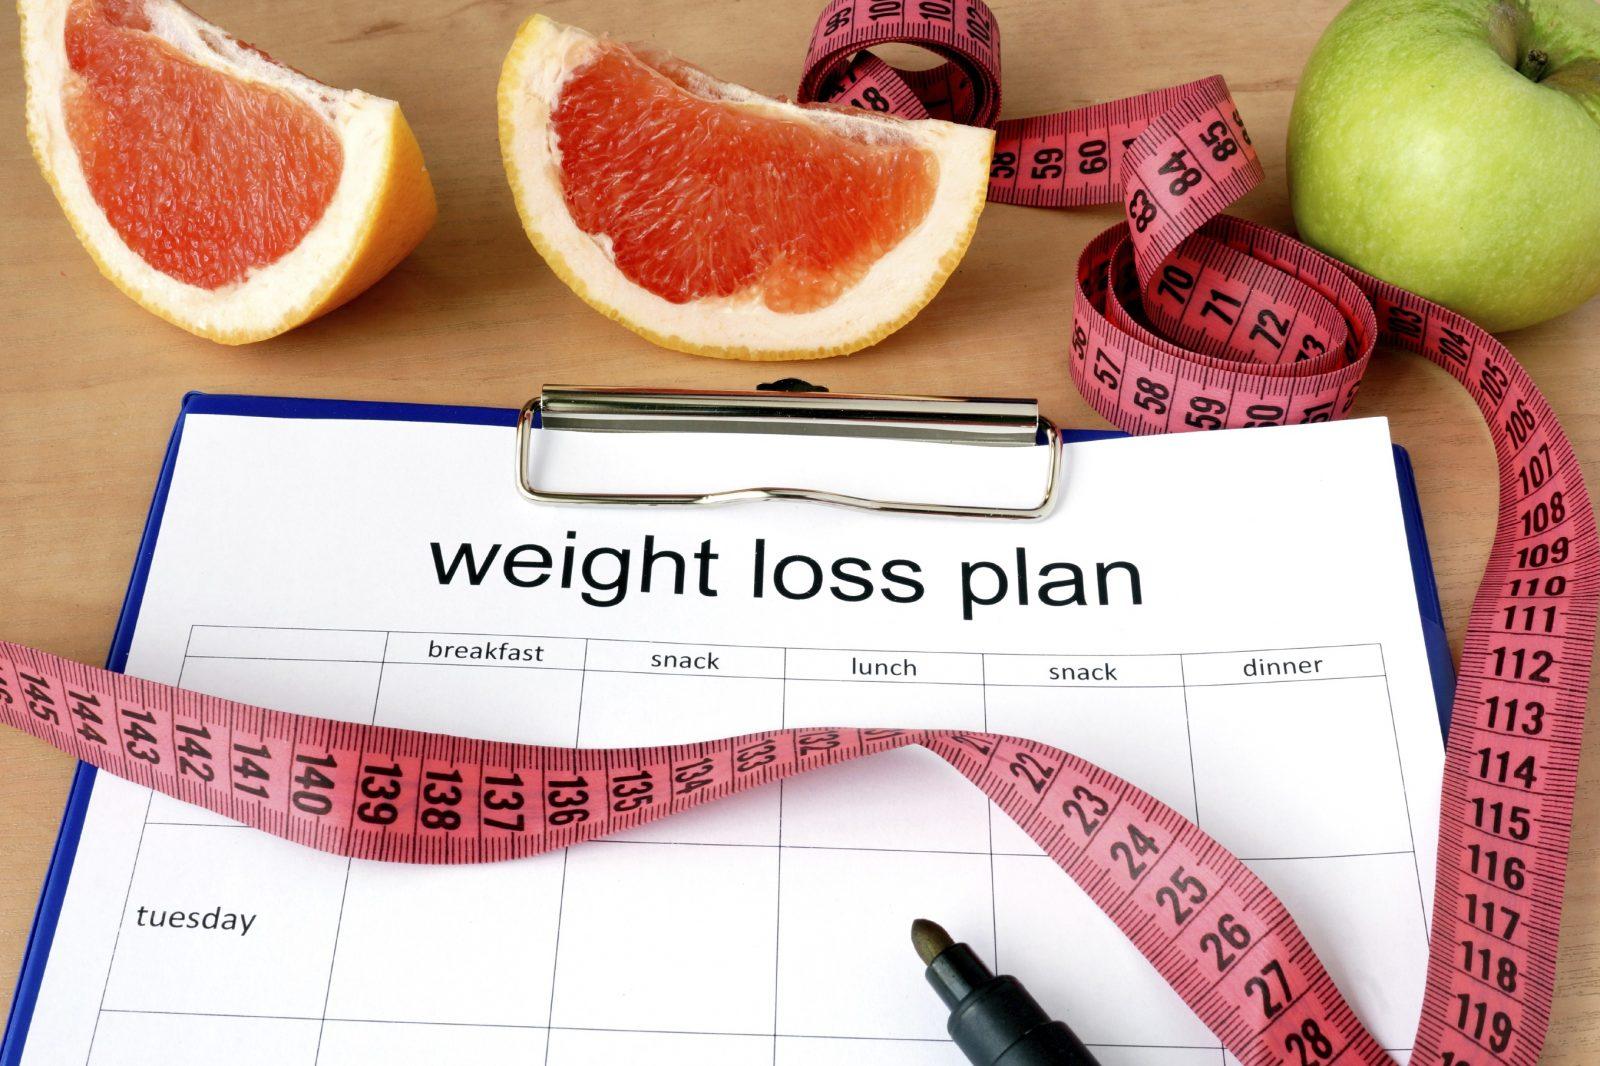 Сантиметровая лента, грейпфрут и план для похудения